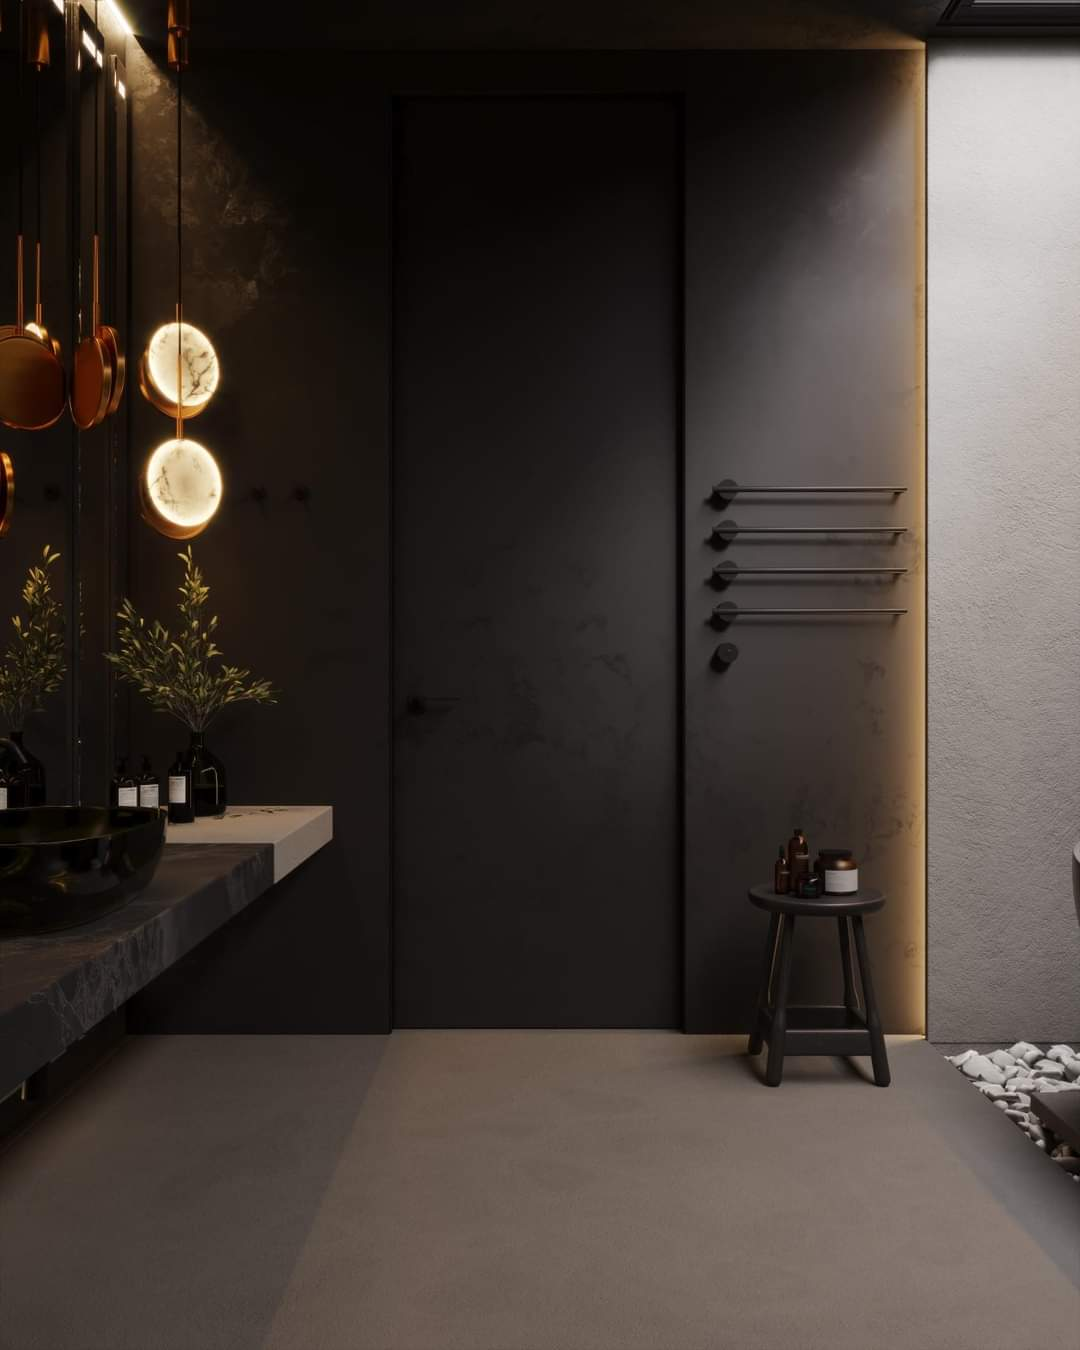 Eye-Catching Bathroom Interior Set Up - Source: Kireevaaanna